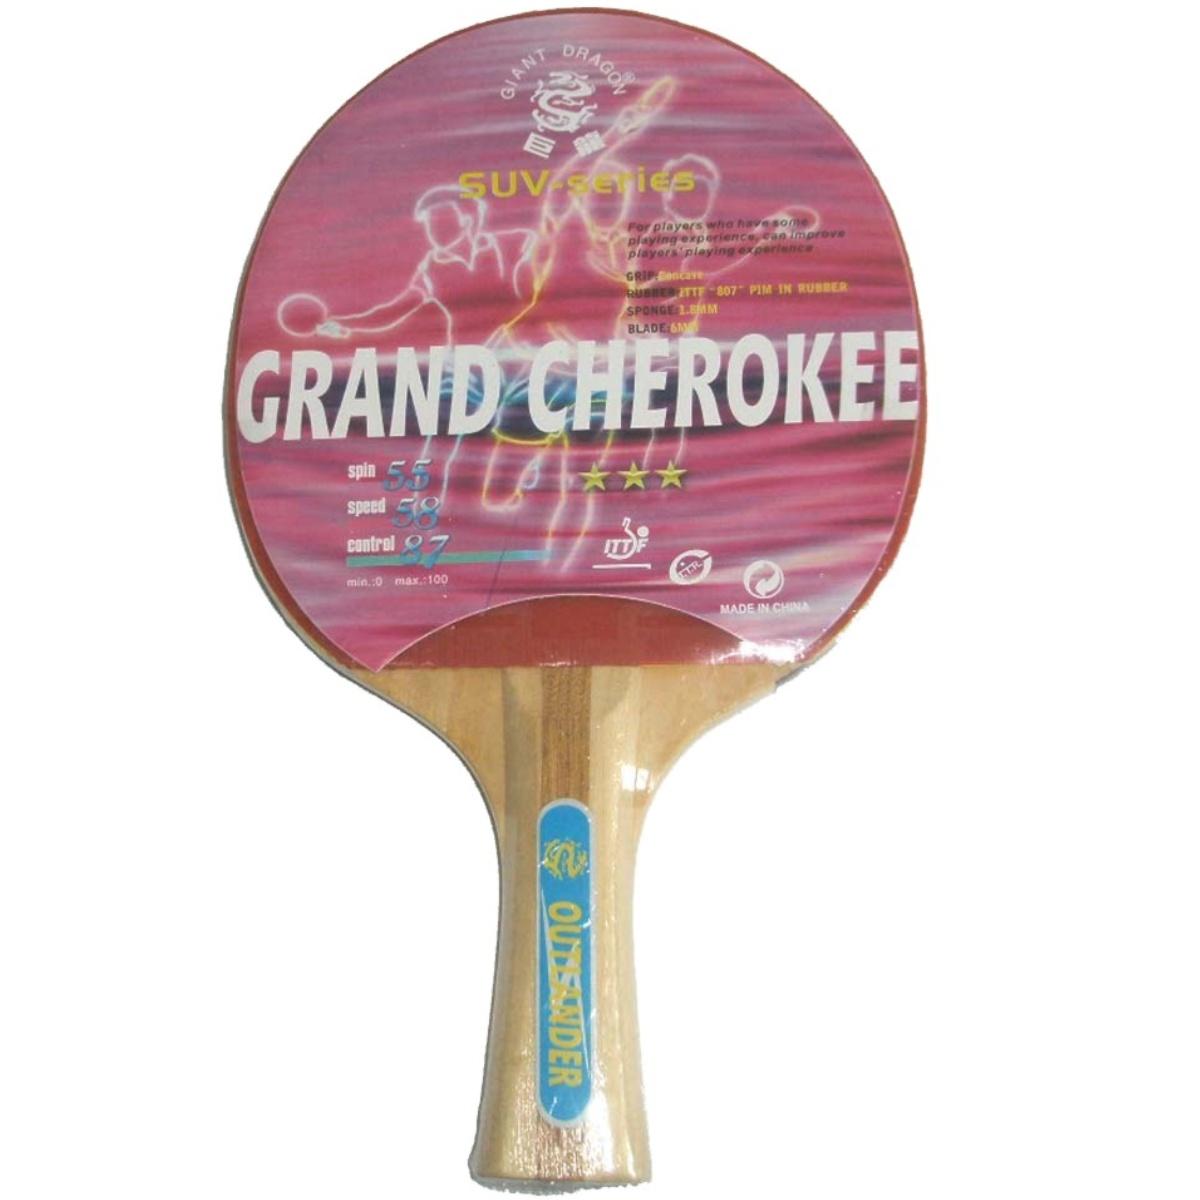 Pálka na stolní tenis SUV Grand Cherokee 3*